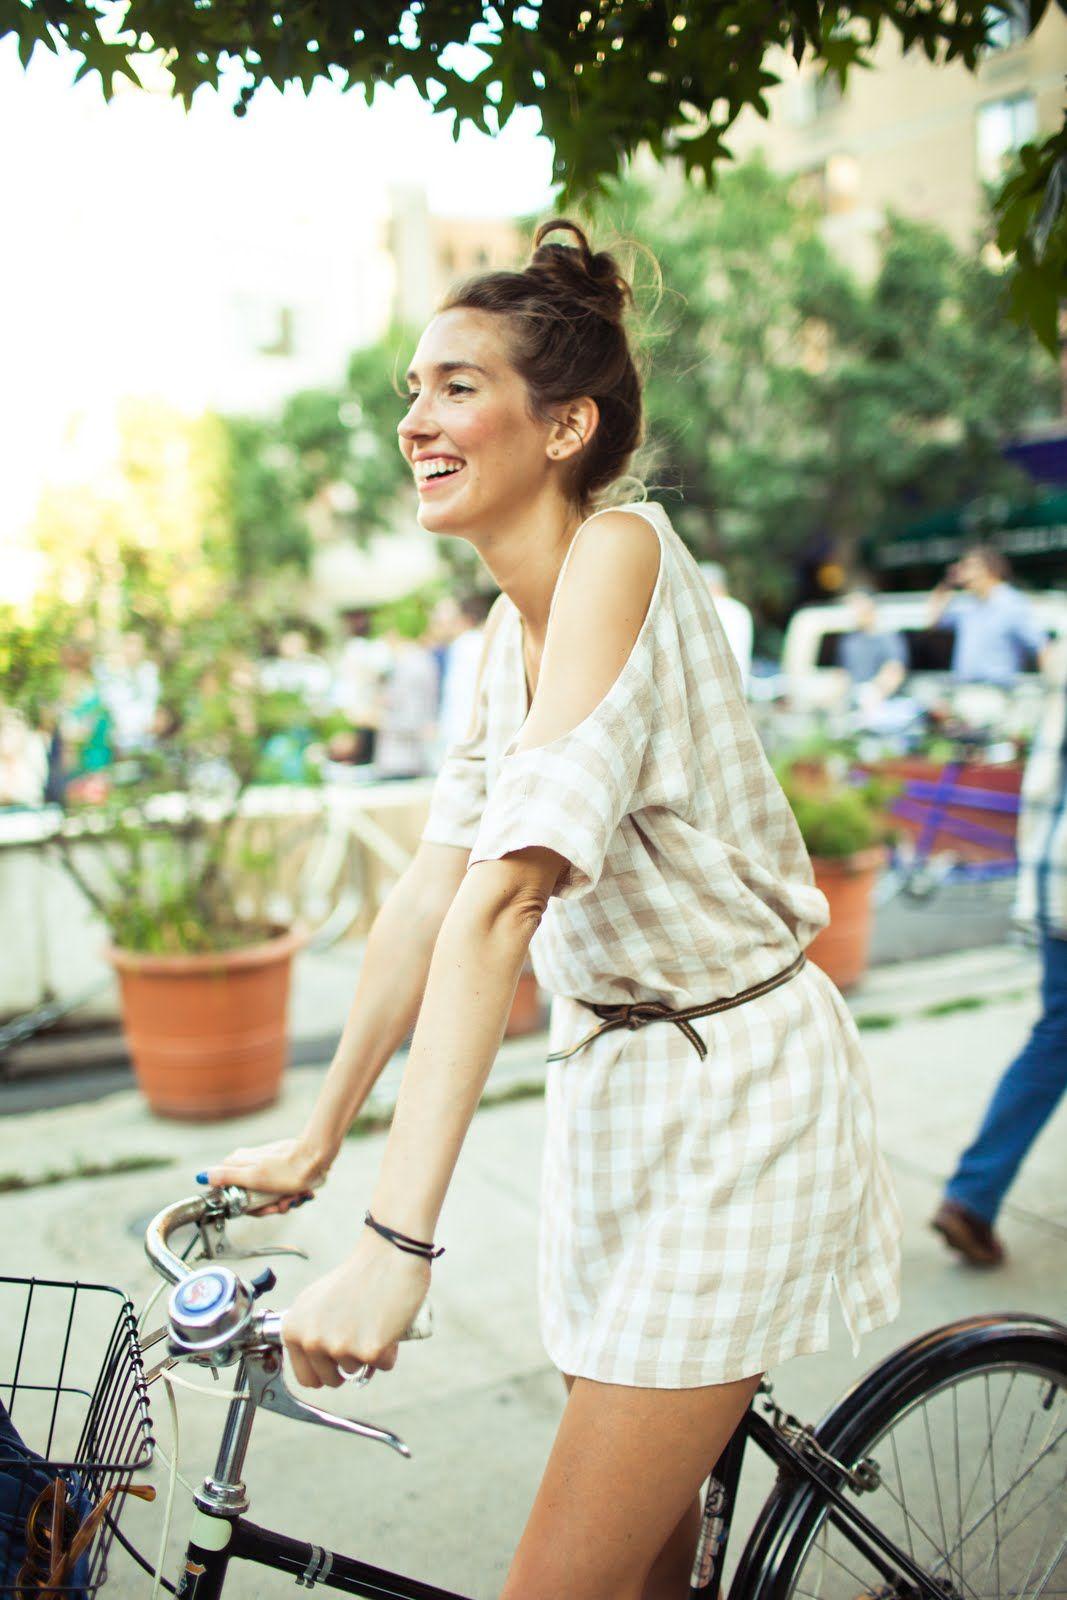 Riding Bikes While Wearing Skirts Bike Skirt Fashion Bicycle